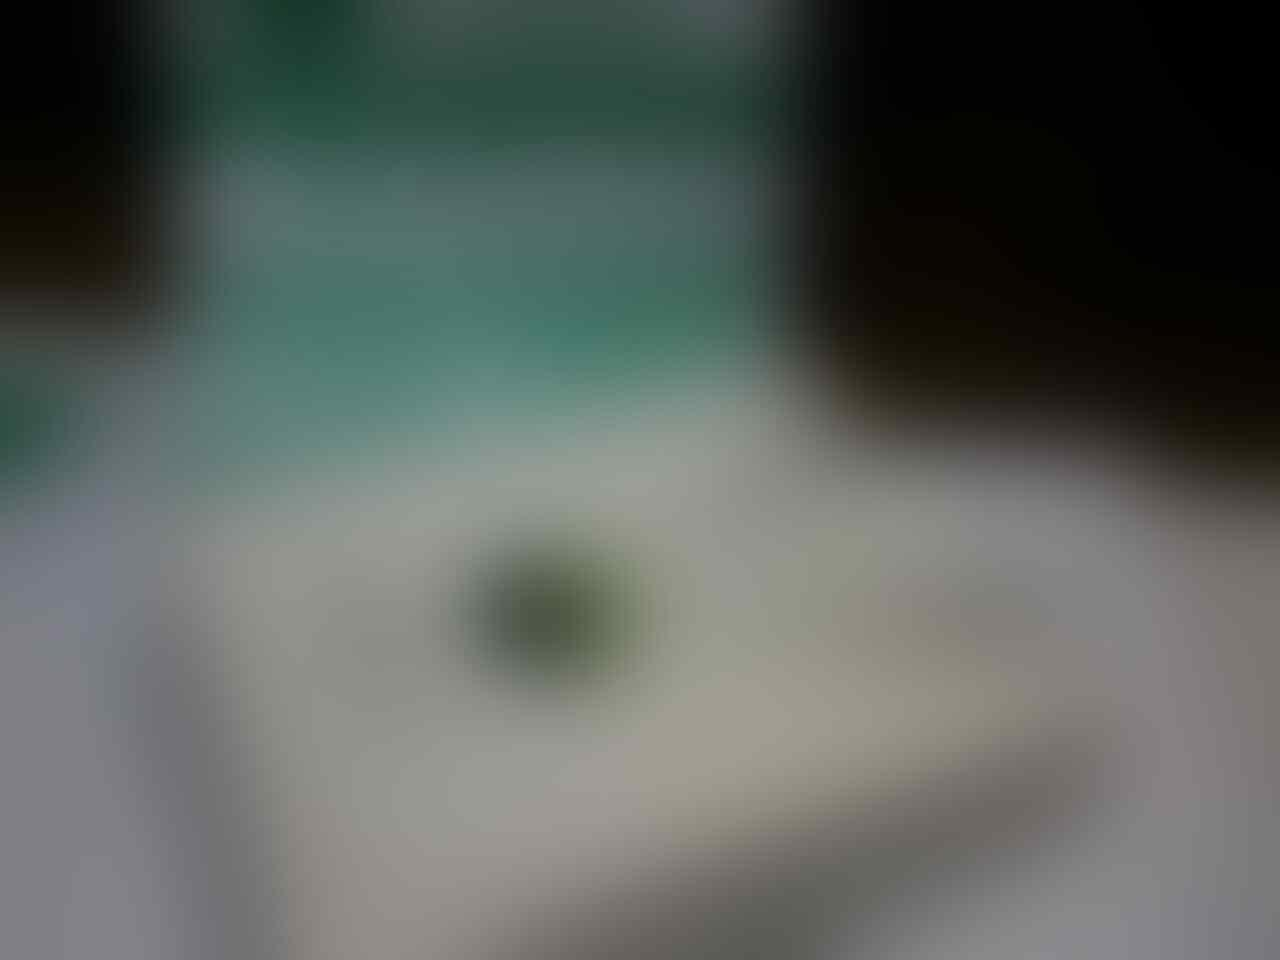 Terjual Sin Rokok Gurah Terapi Kaskus Agen Majapahit N Atau Spesial Kesehatan Herbal